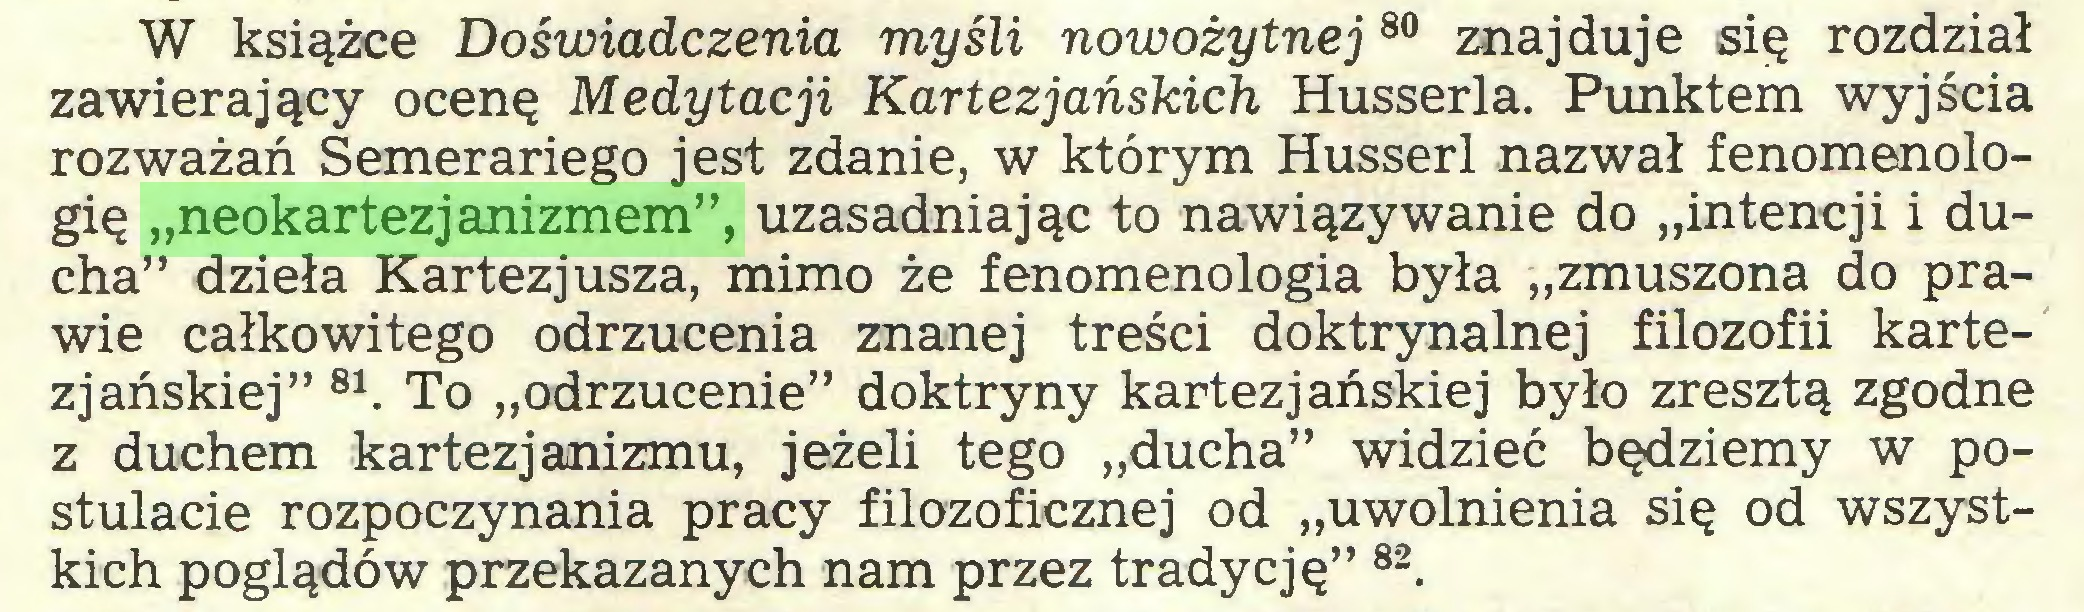 """(...) W książce Doświadczenia myśli nowożytnej80 znajduje się rozdział zawierający ocenę Medytacji Kartezjańskich Husserla. Punktem wyjścia rozważań Semerariego jest zdanie, w którym Husserl nazwał fenomenologię """"neokartezjanizmem"""", uzasadniając to nawiązywanie do """"intencji i ducha"""" dzieła Kartezjusza, mimo że fenomenologia była """"zmuszona do prawie całkowitego odrzucenia znanej treści doktrynalnej filozofii kartezjańskiej"""" 81. To """"odrzucenie"""" doktryny kartezjańskiej było zresztą zgodne z duchem kartezjanizmu, jeżeli tego """"ducha"""" widzieć będziemy w postulacie rozpoczynania pracy filozoficznej od """"uwolnienia się od wszystkich poglądów przekazanych nam przez tradycję"""" 82..."""